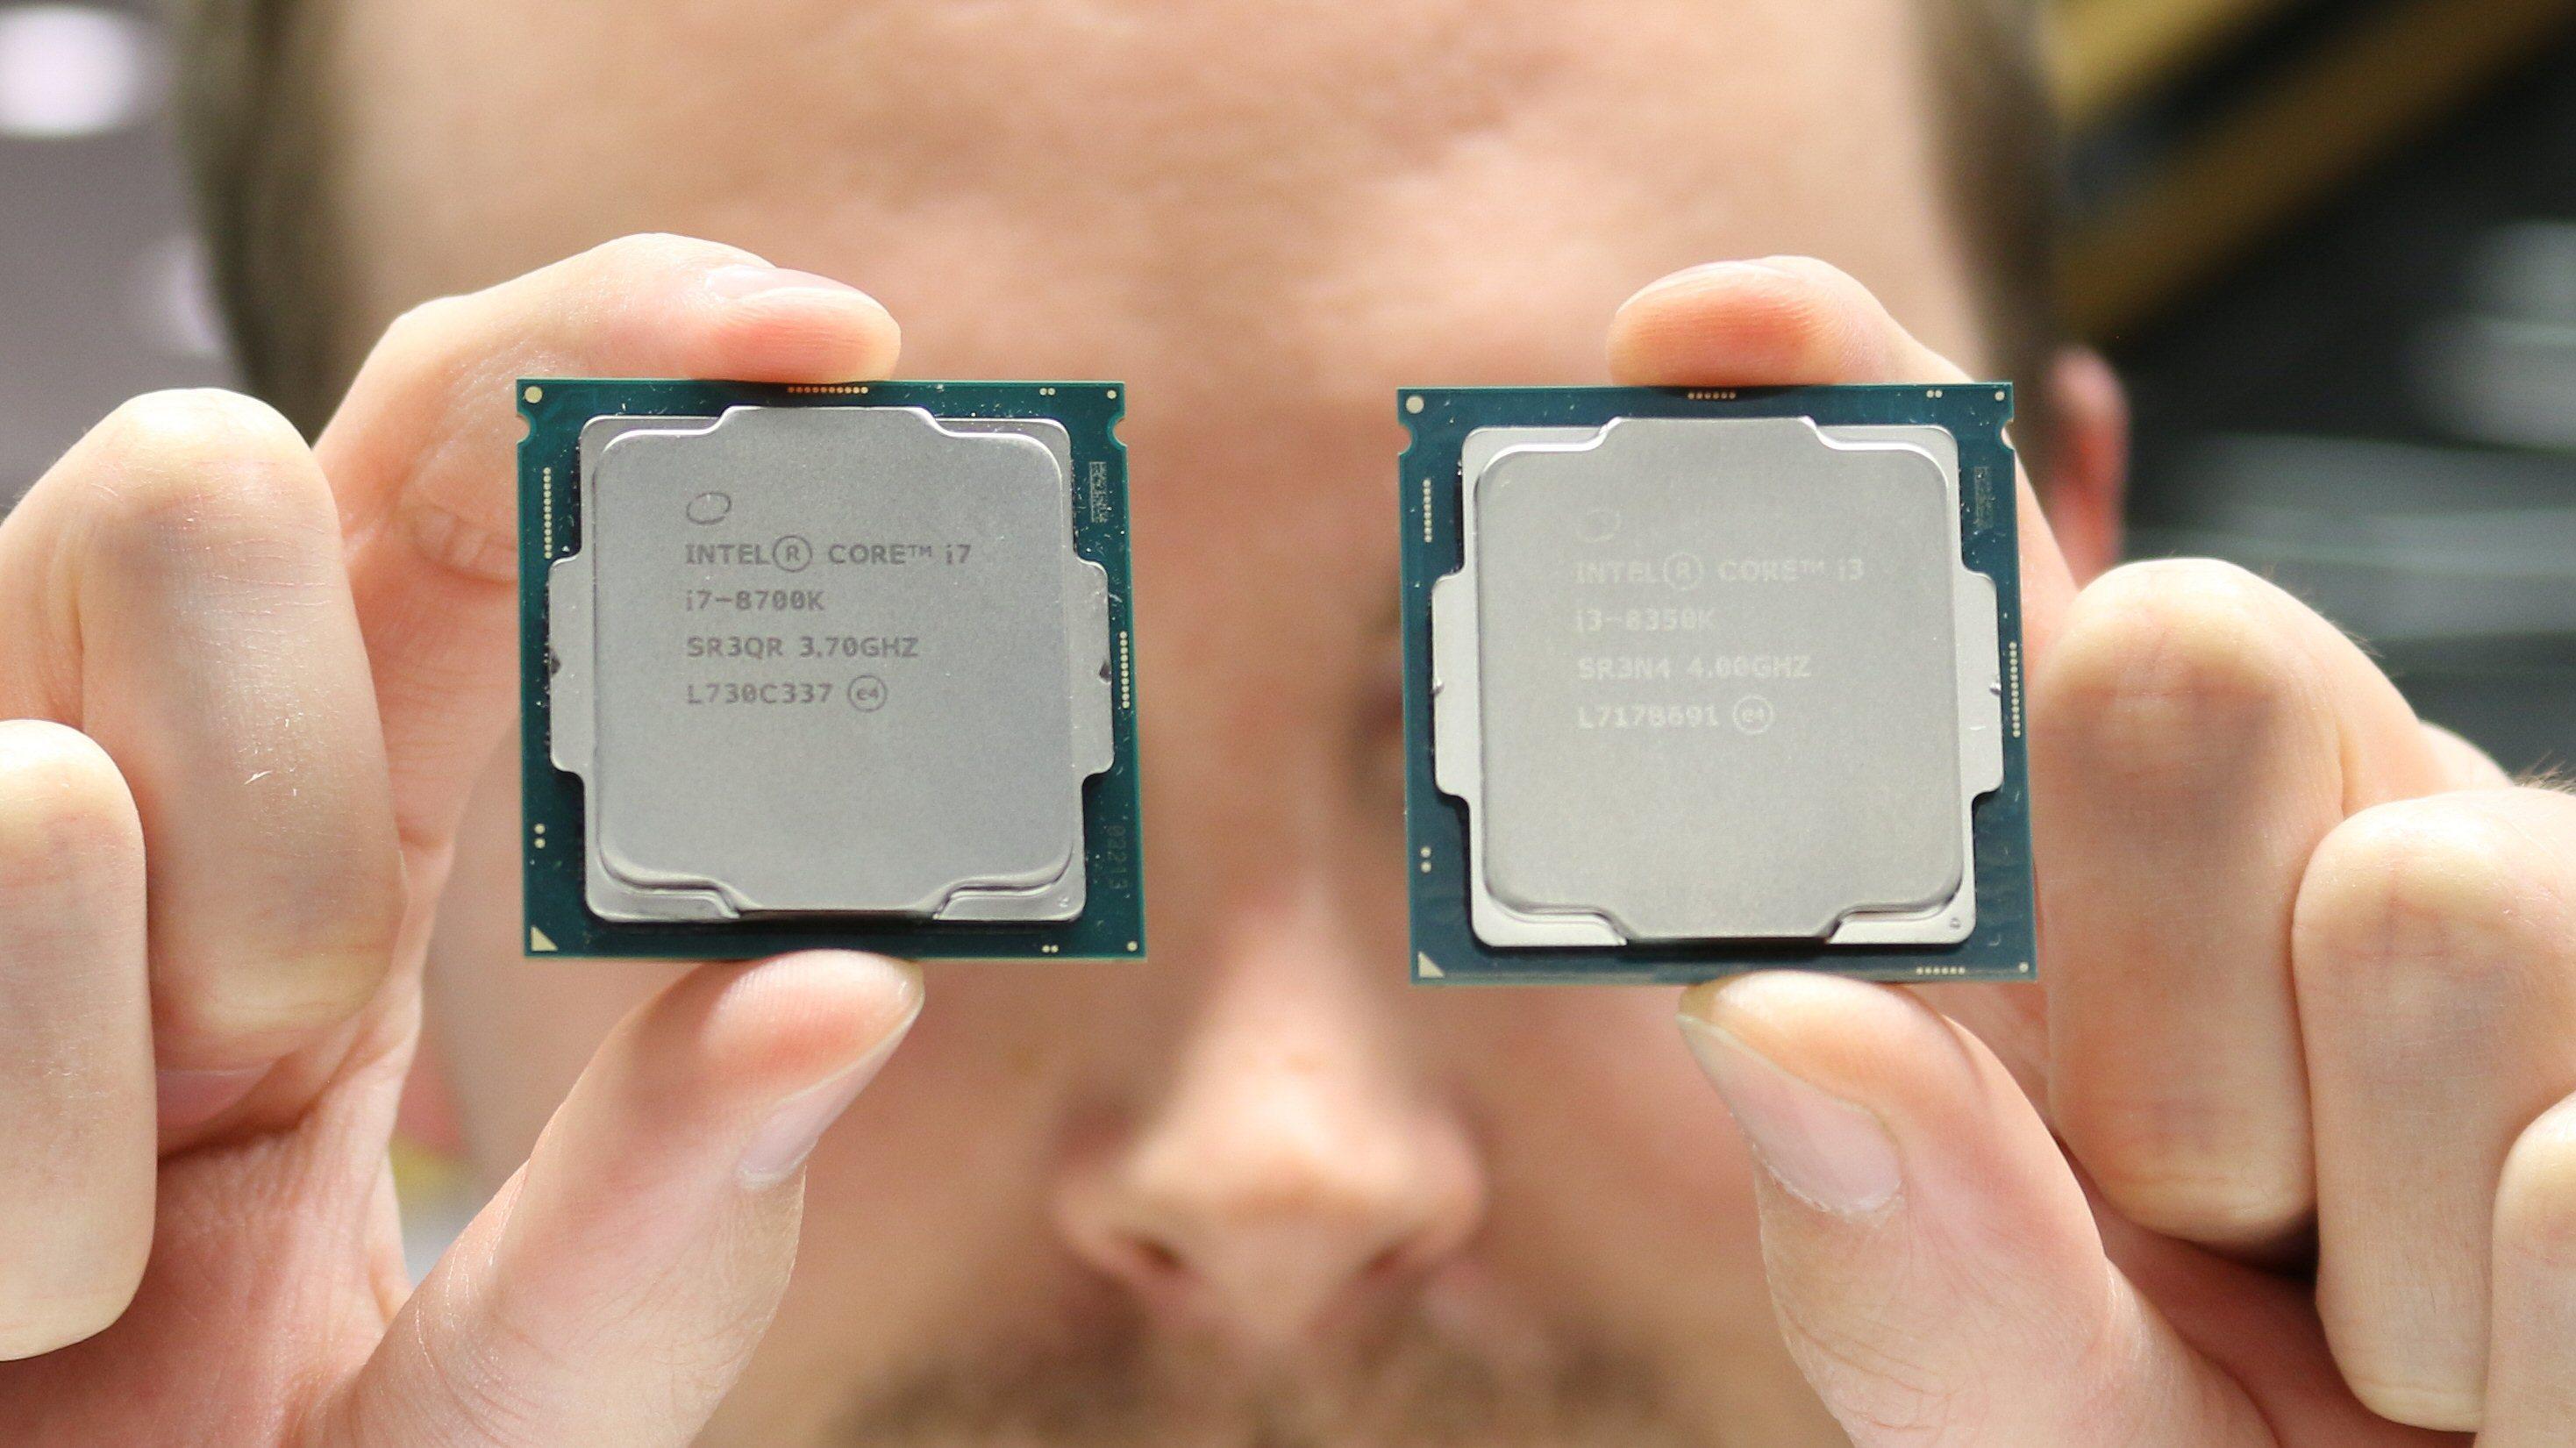 Nå skal Intel ha fikset de ødelagte Spectre- og Meltdown-oppdateringene sine